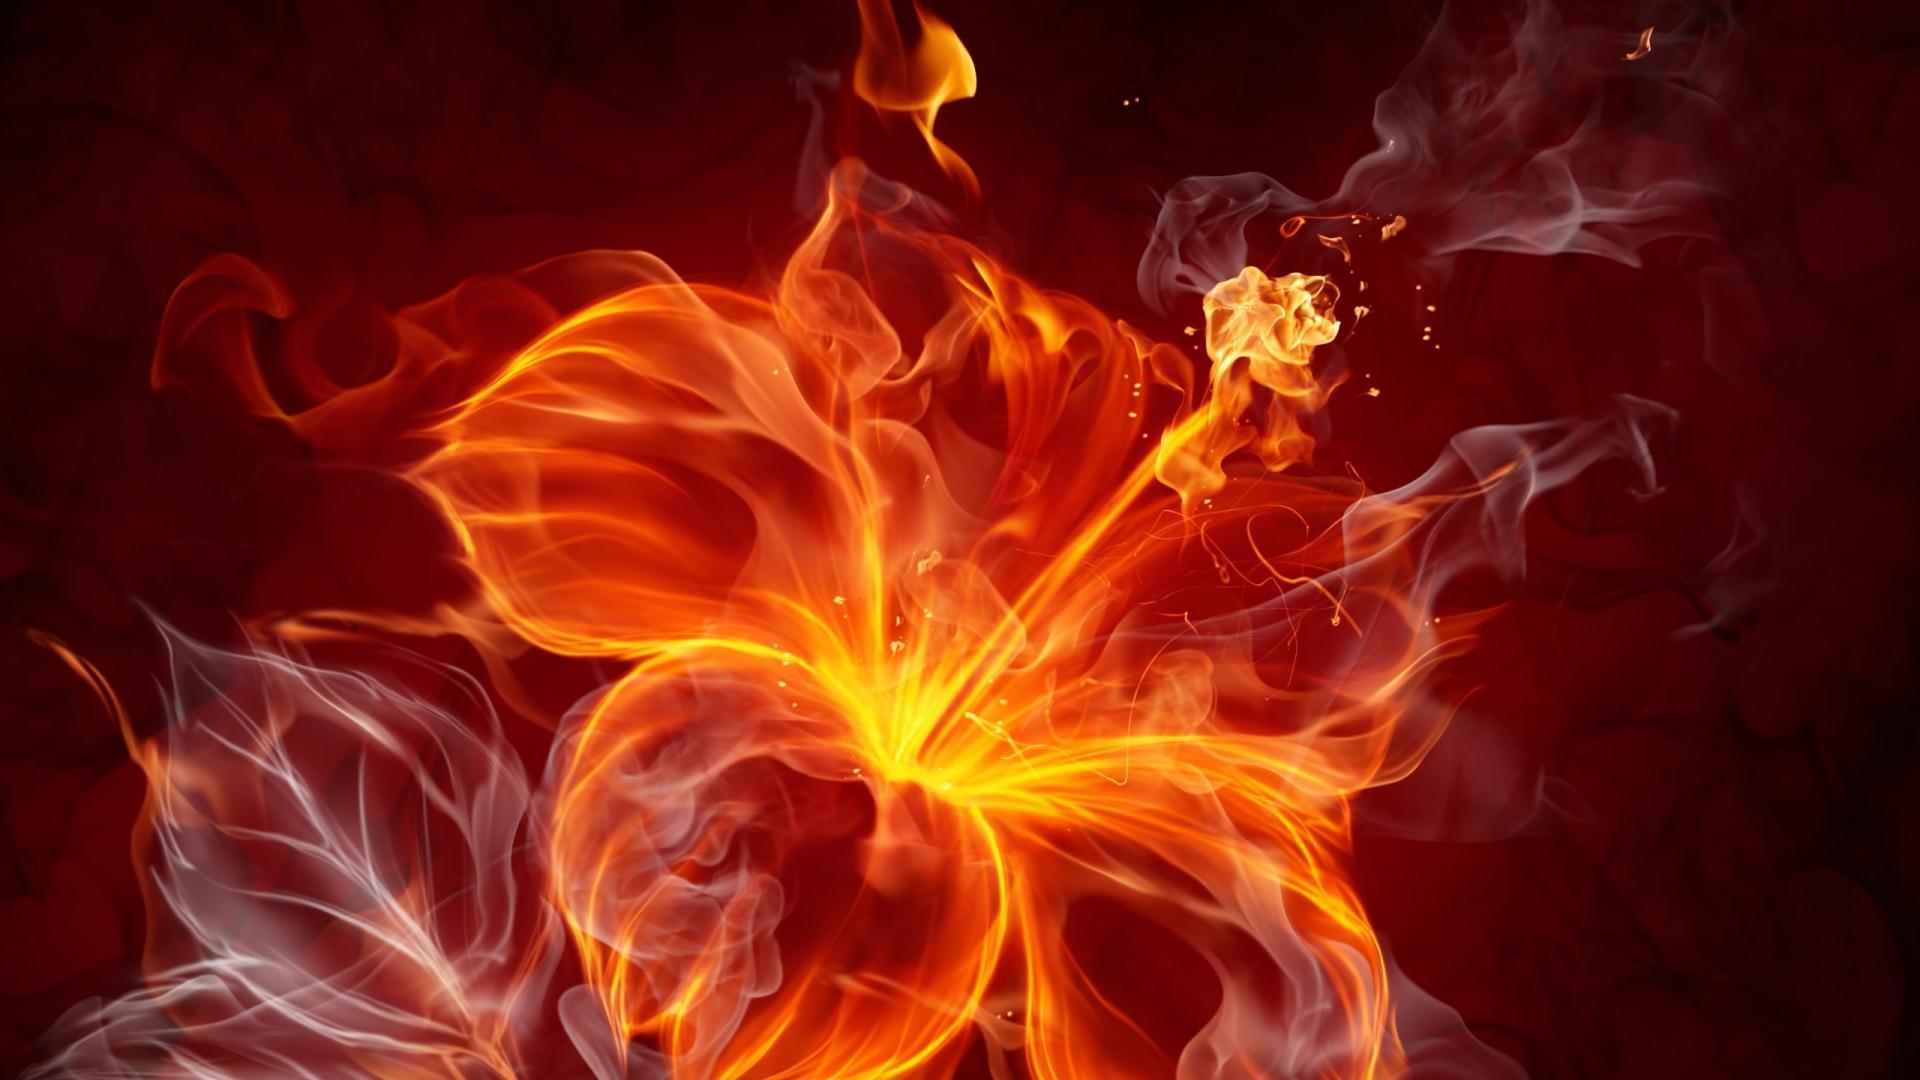 Hình ảnh ngọn lửa bông hoa